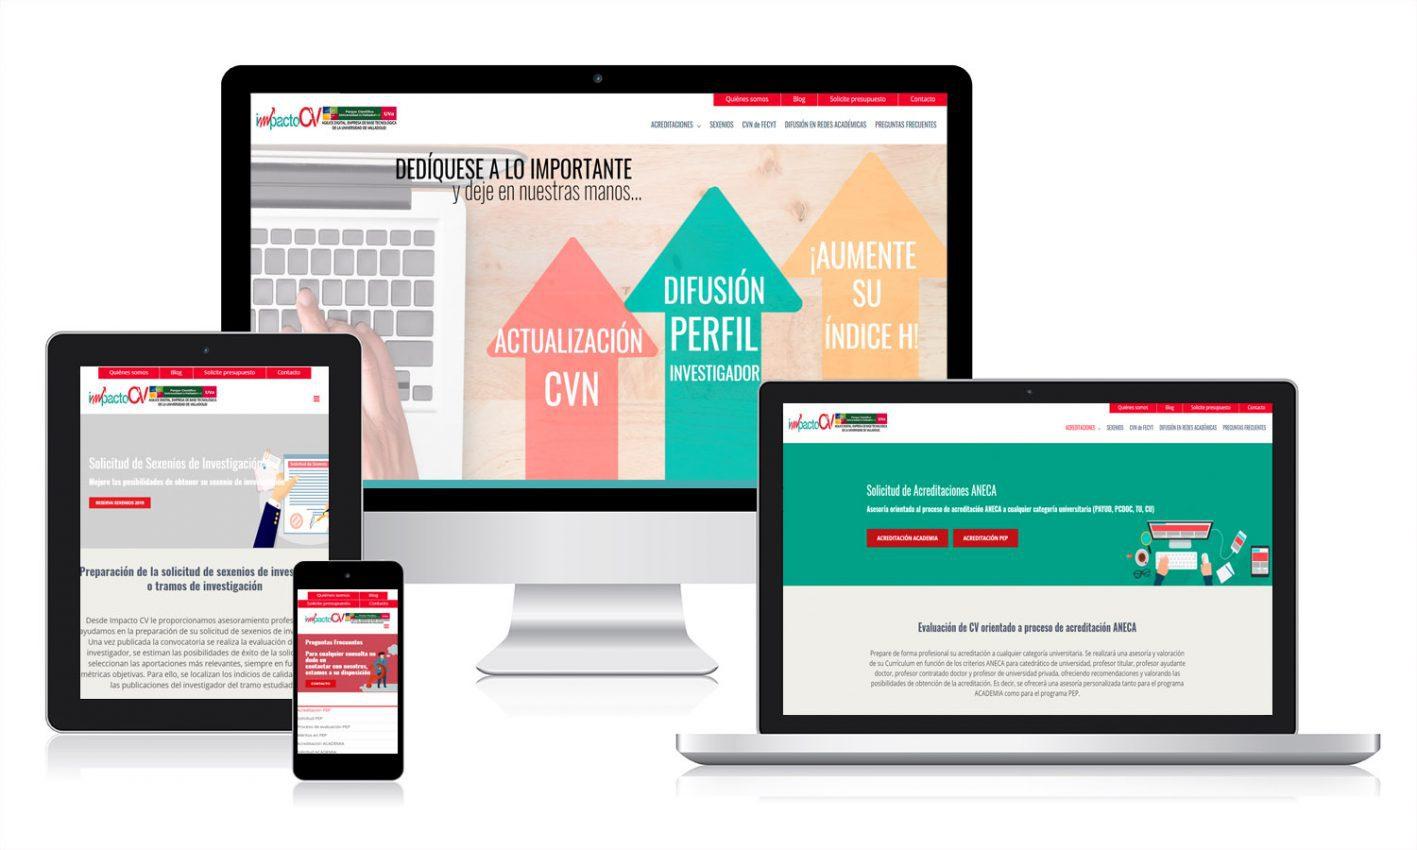 Diseño responsive para página web